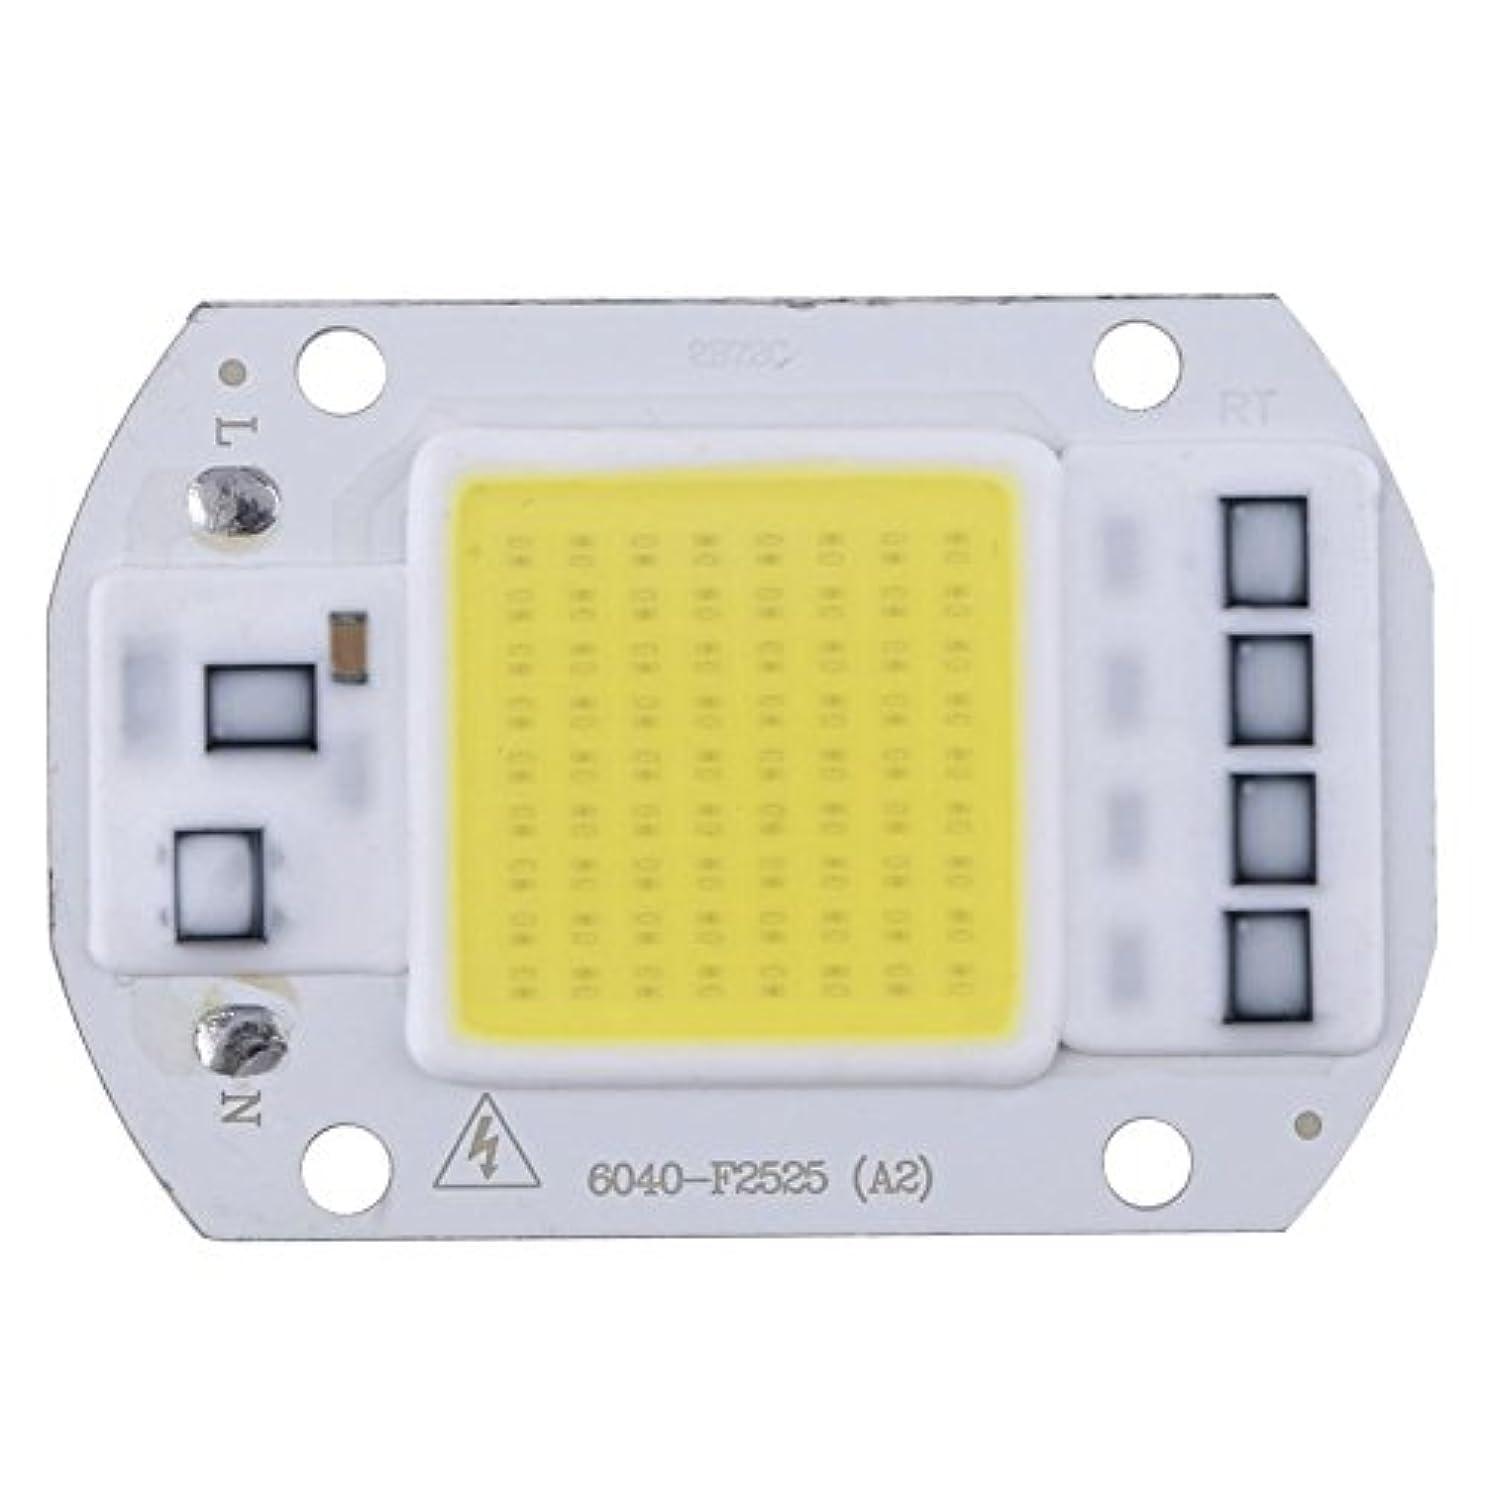 数利用可能宙返りK-outdoor LED作業灯 ライトバー LEDワークライト50W 110V DIY トラック用品 サーチライト ワークライト 車外灯 汎用作業灯 集魚灯 前照灯